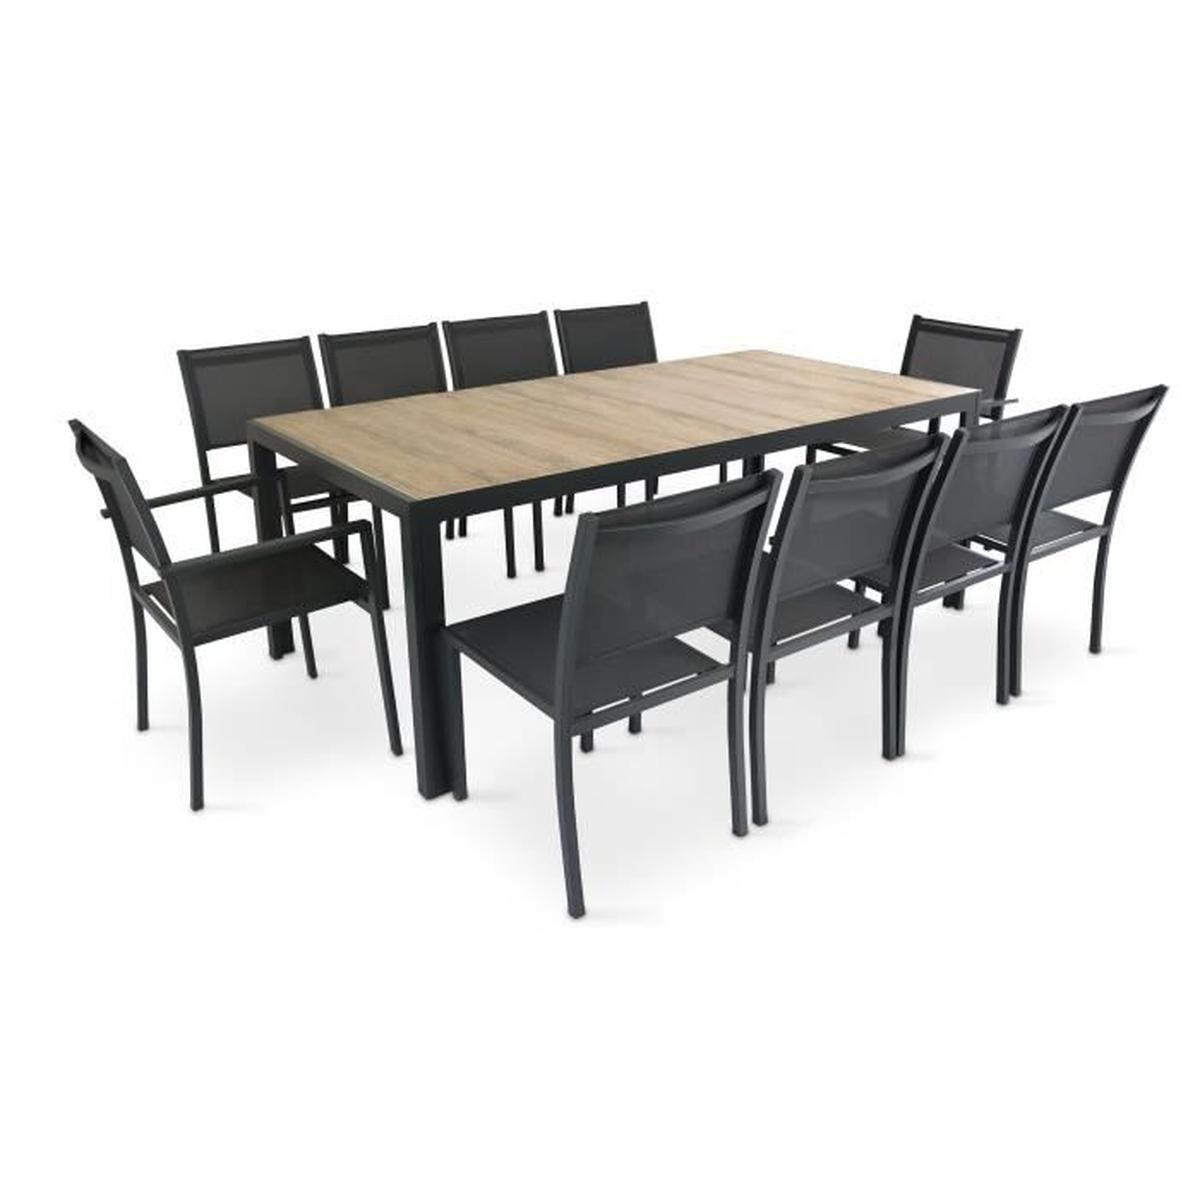 Table De Jardin 10 Places Aluminium Et Céramique - Ensemble ... destiné Table De Jardin 10 Personnes